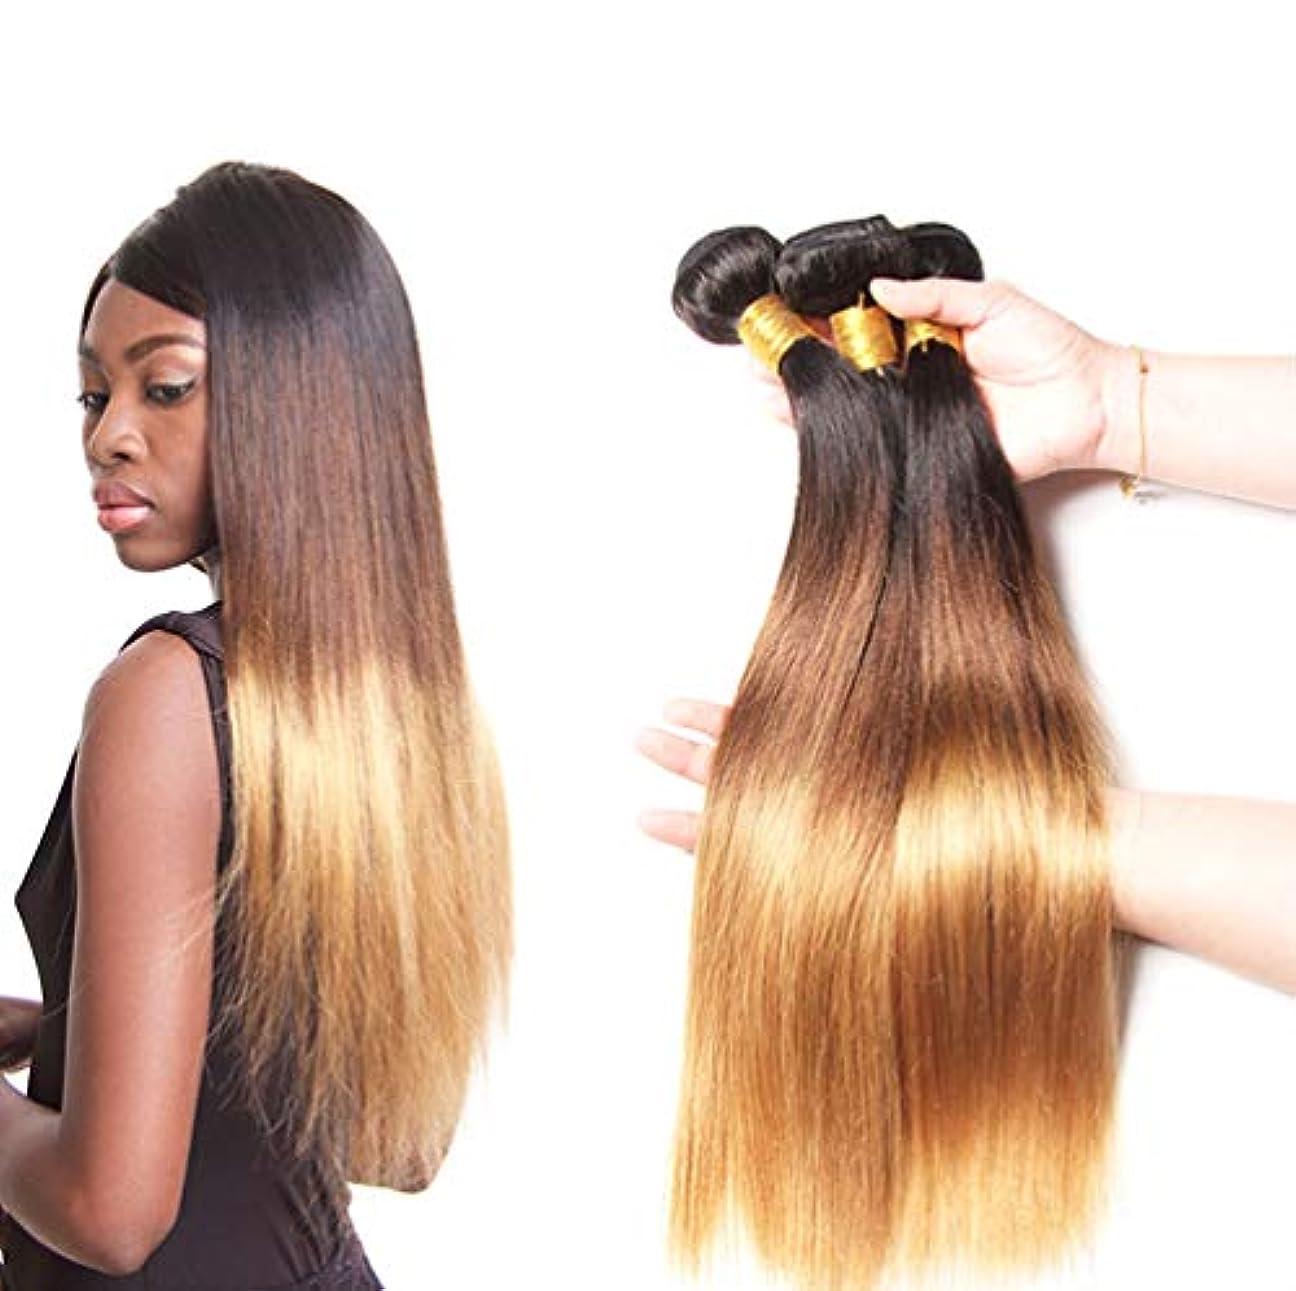 住人繁栄解放ブラジル10Aグレードペルーストレート人毛ストレートバージン人毛織りエクステンションミックスレングスパンズストレートヘアウィービング(3バンドル)